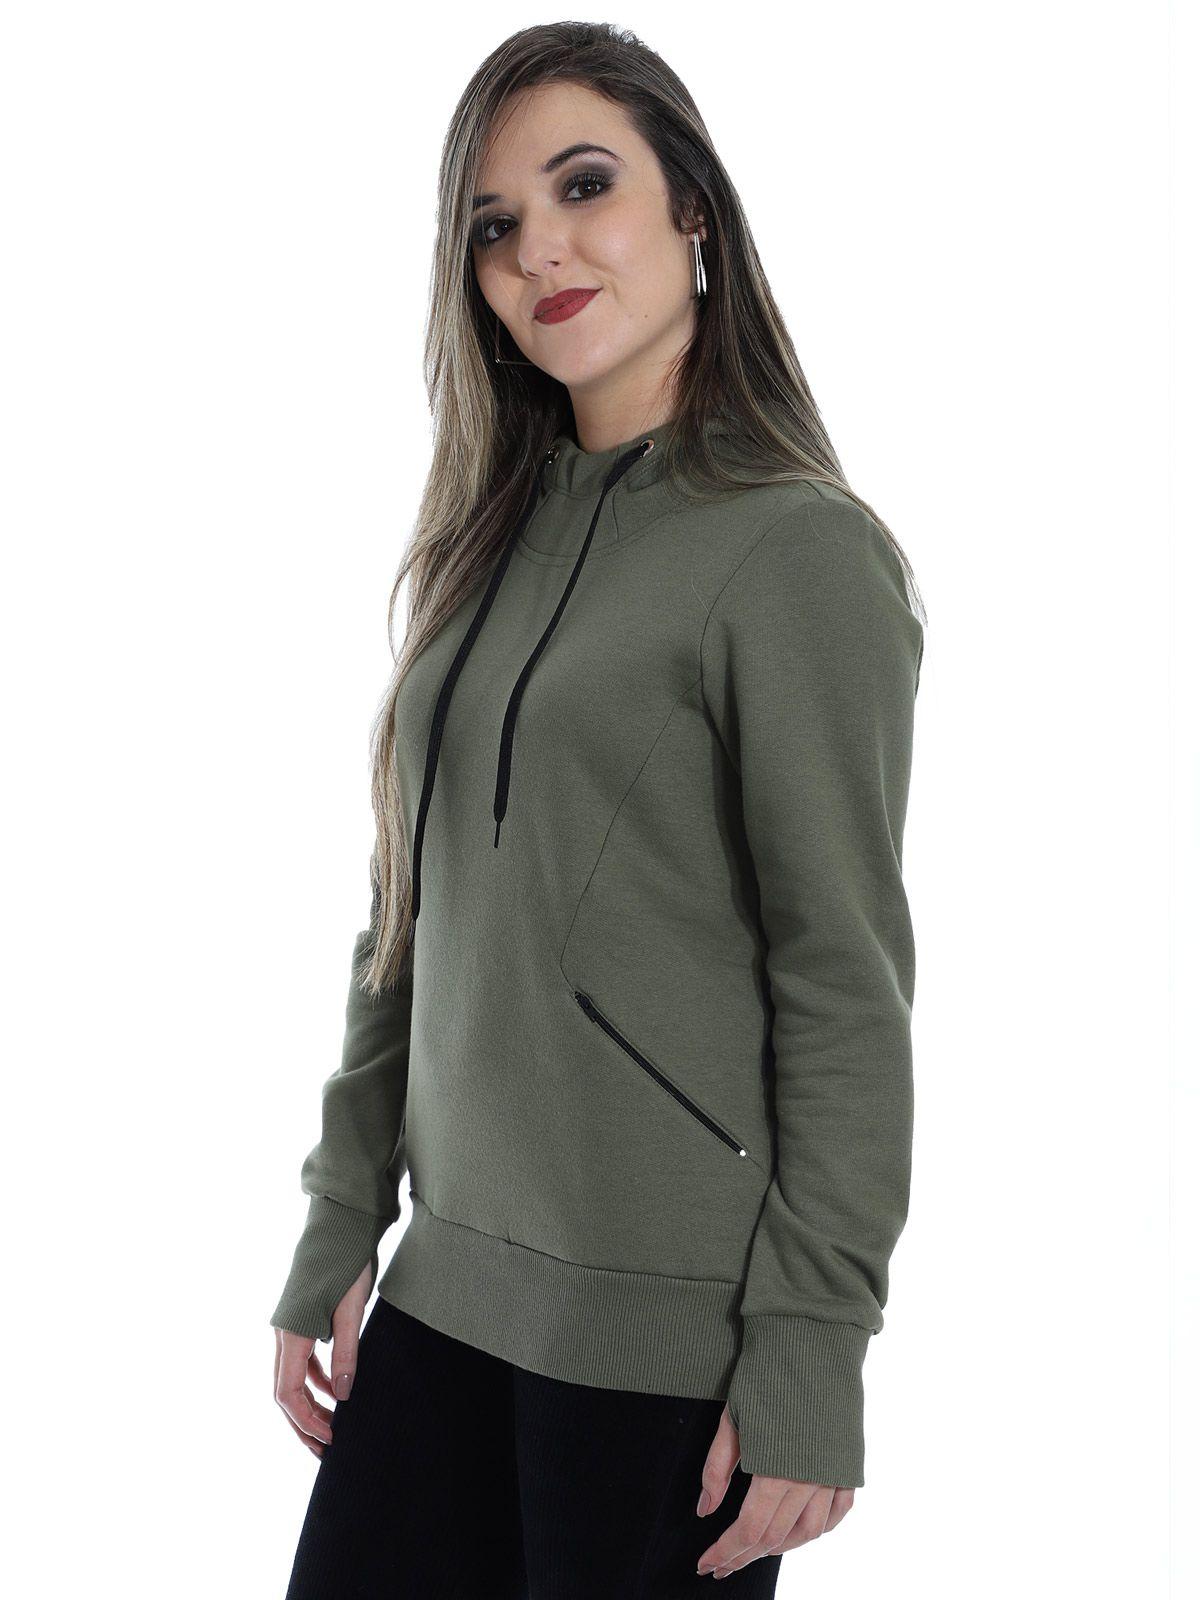 Blusa Moletom Feminino com Capuz e Ziper Anistia Verde Militar